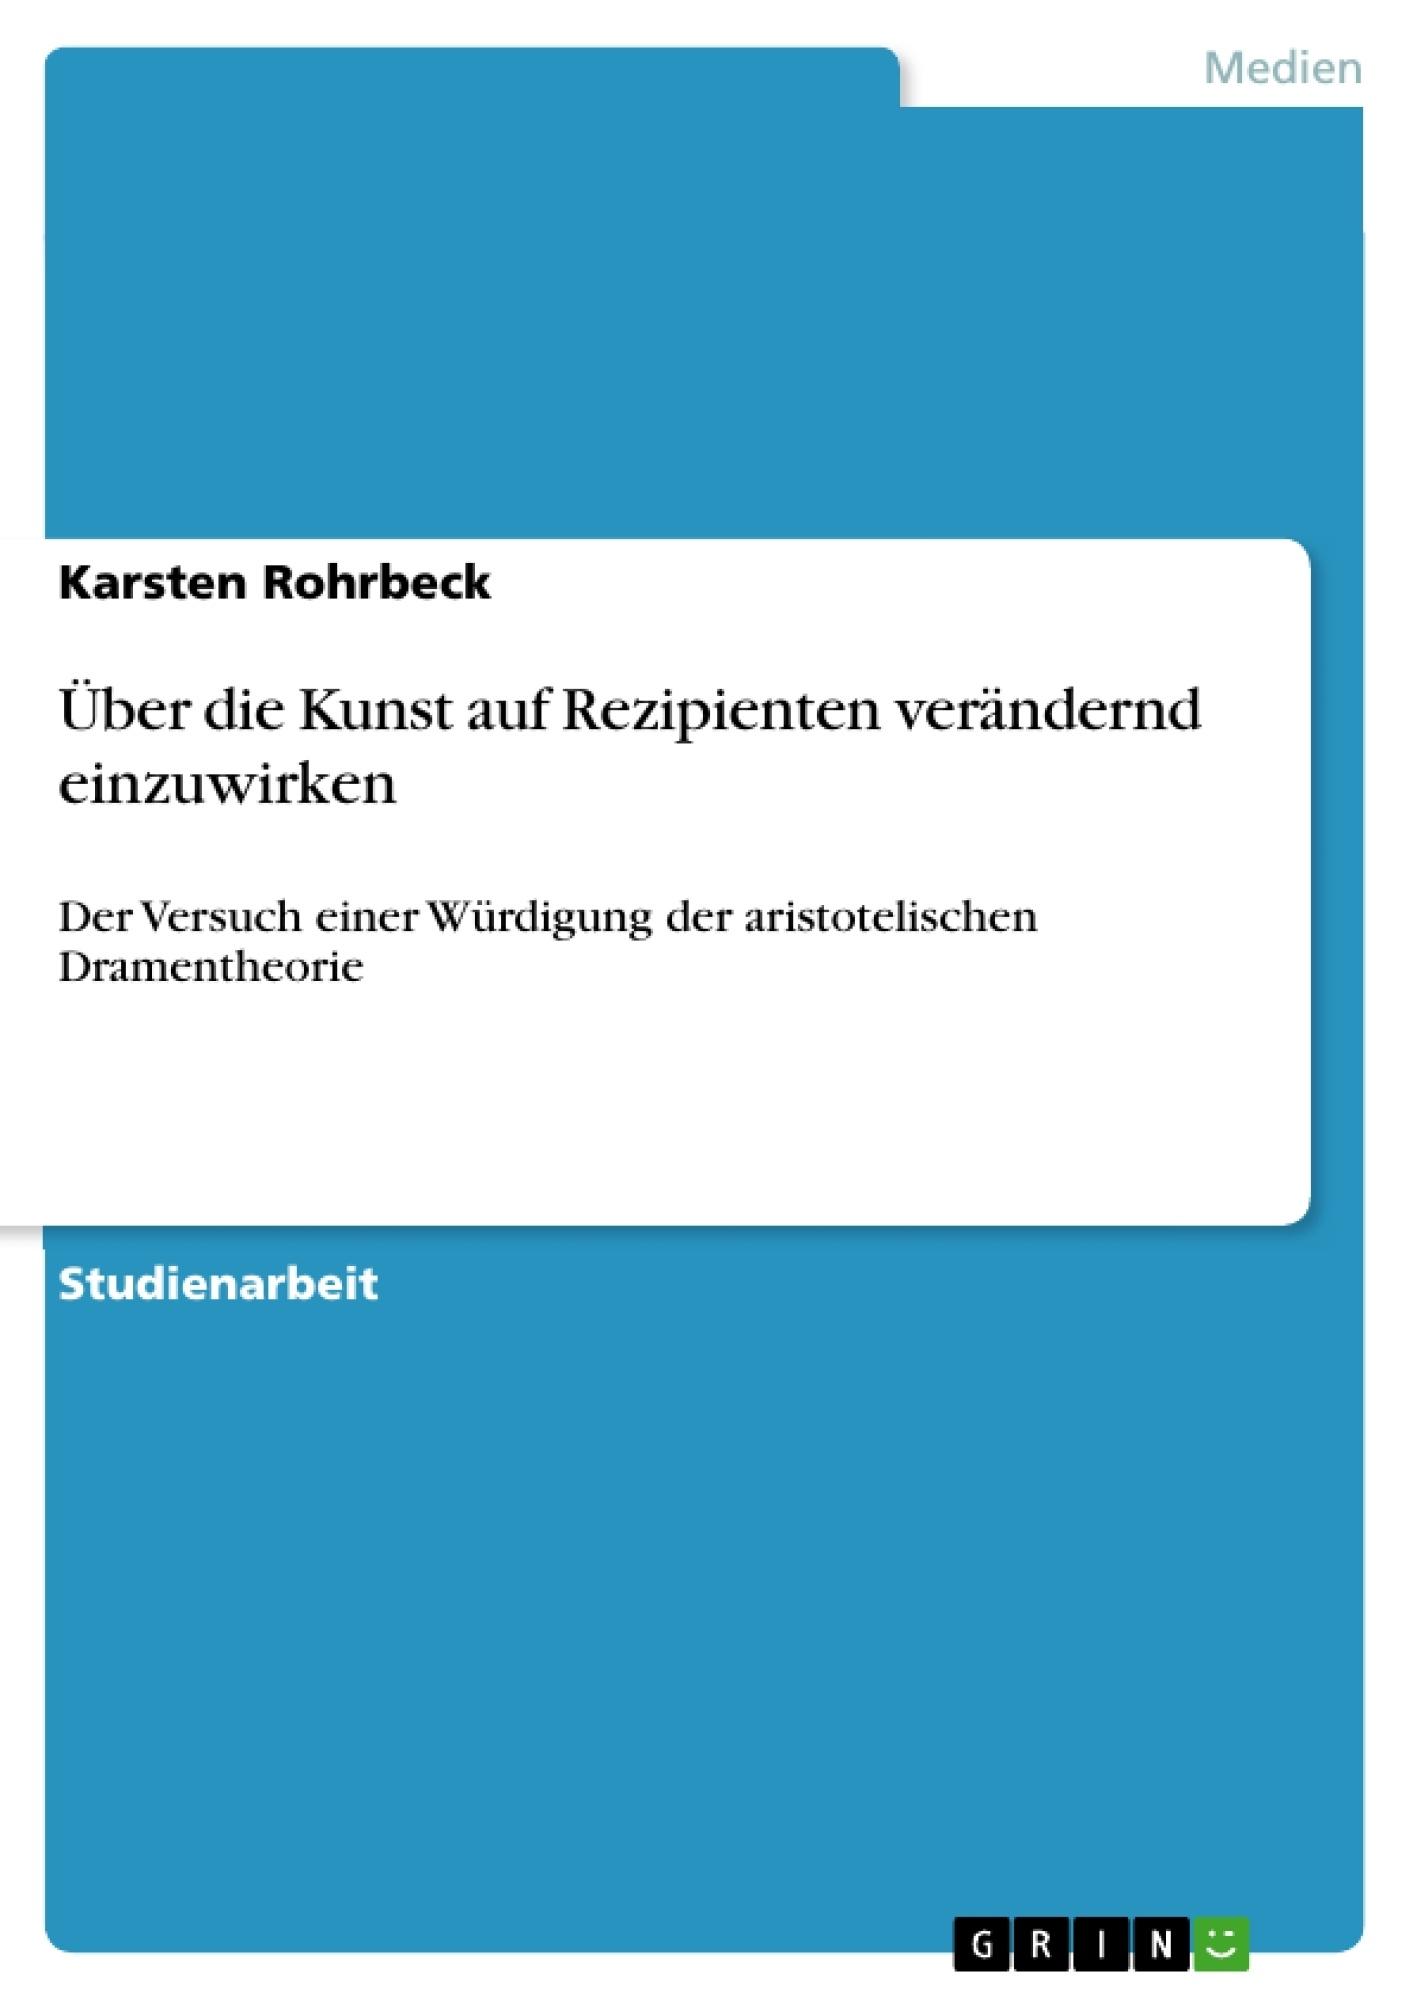 Titel: Über die Kunst auf Rezipienten verändernd einzuwirken